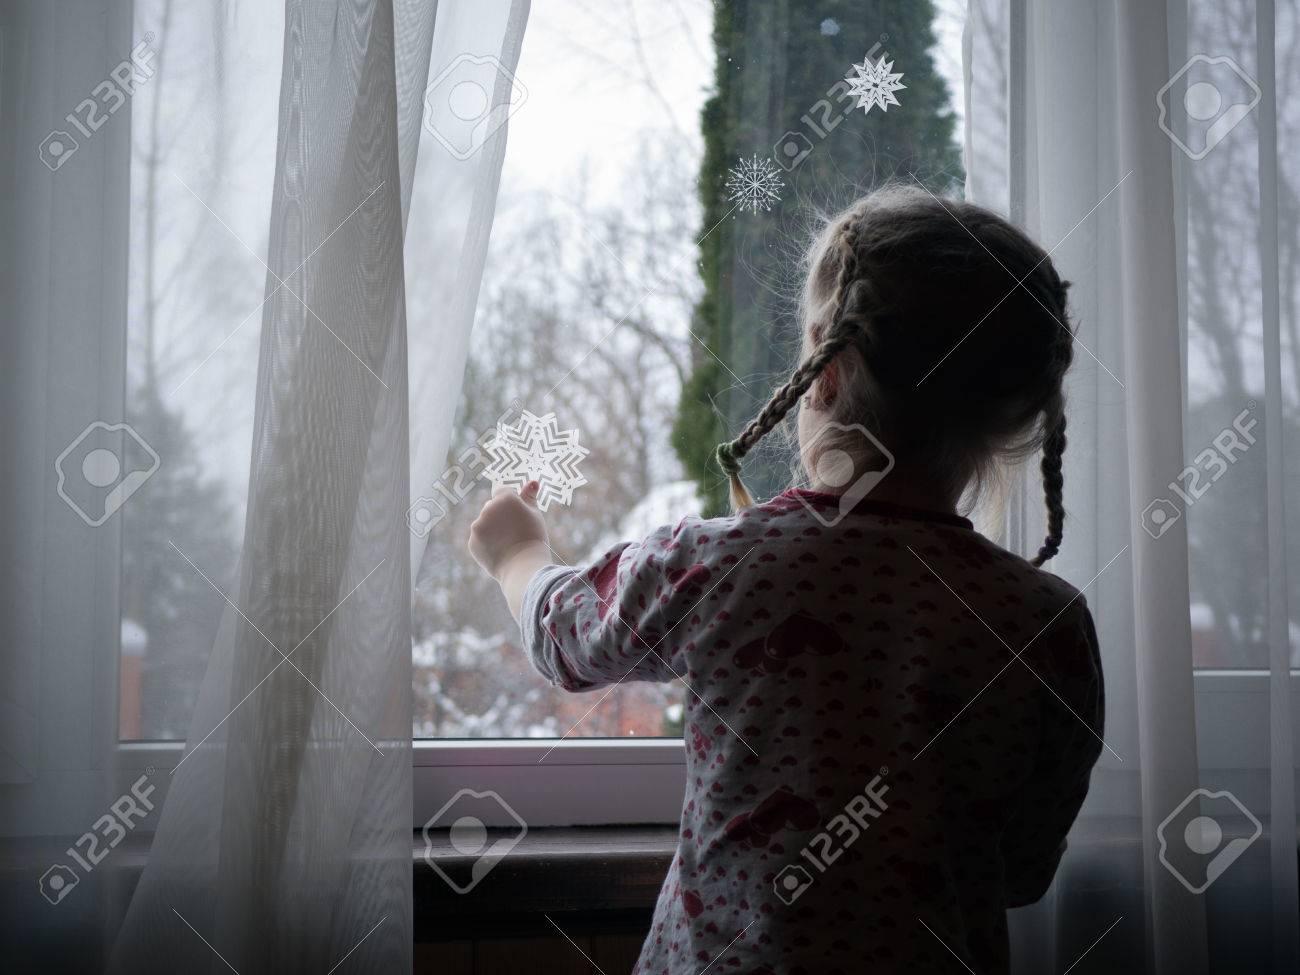 Fiocchi Di Neve Di Carta Modelli : Bambina decorata la finestra incolla i fiocchi di neve di carta